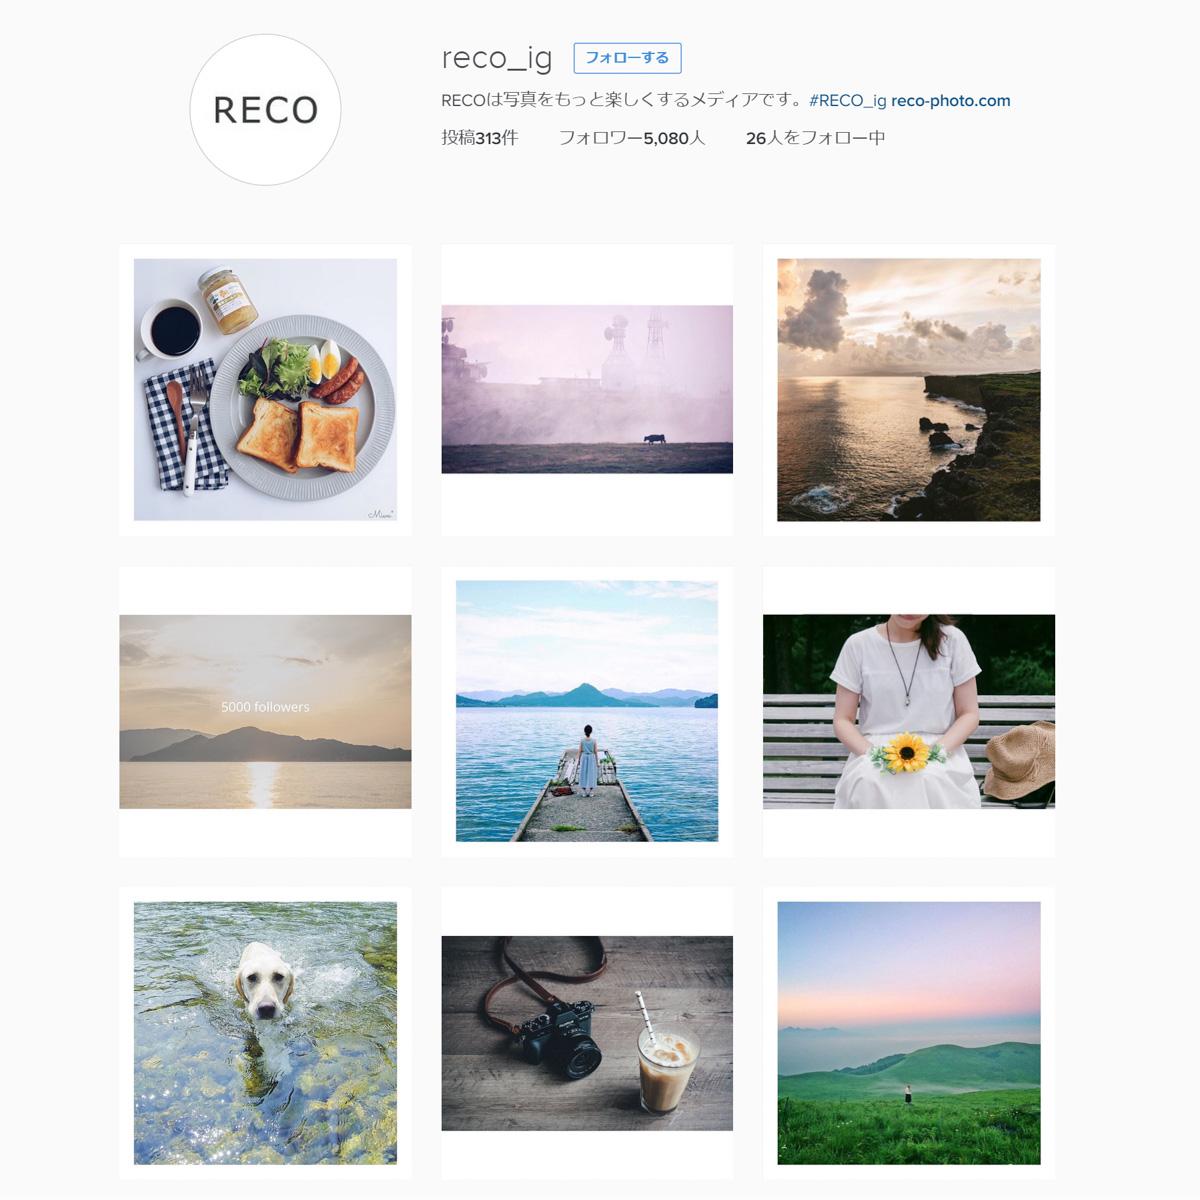 http://reco-photo.com/